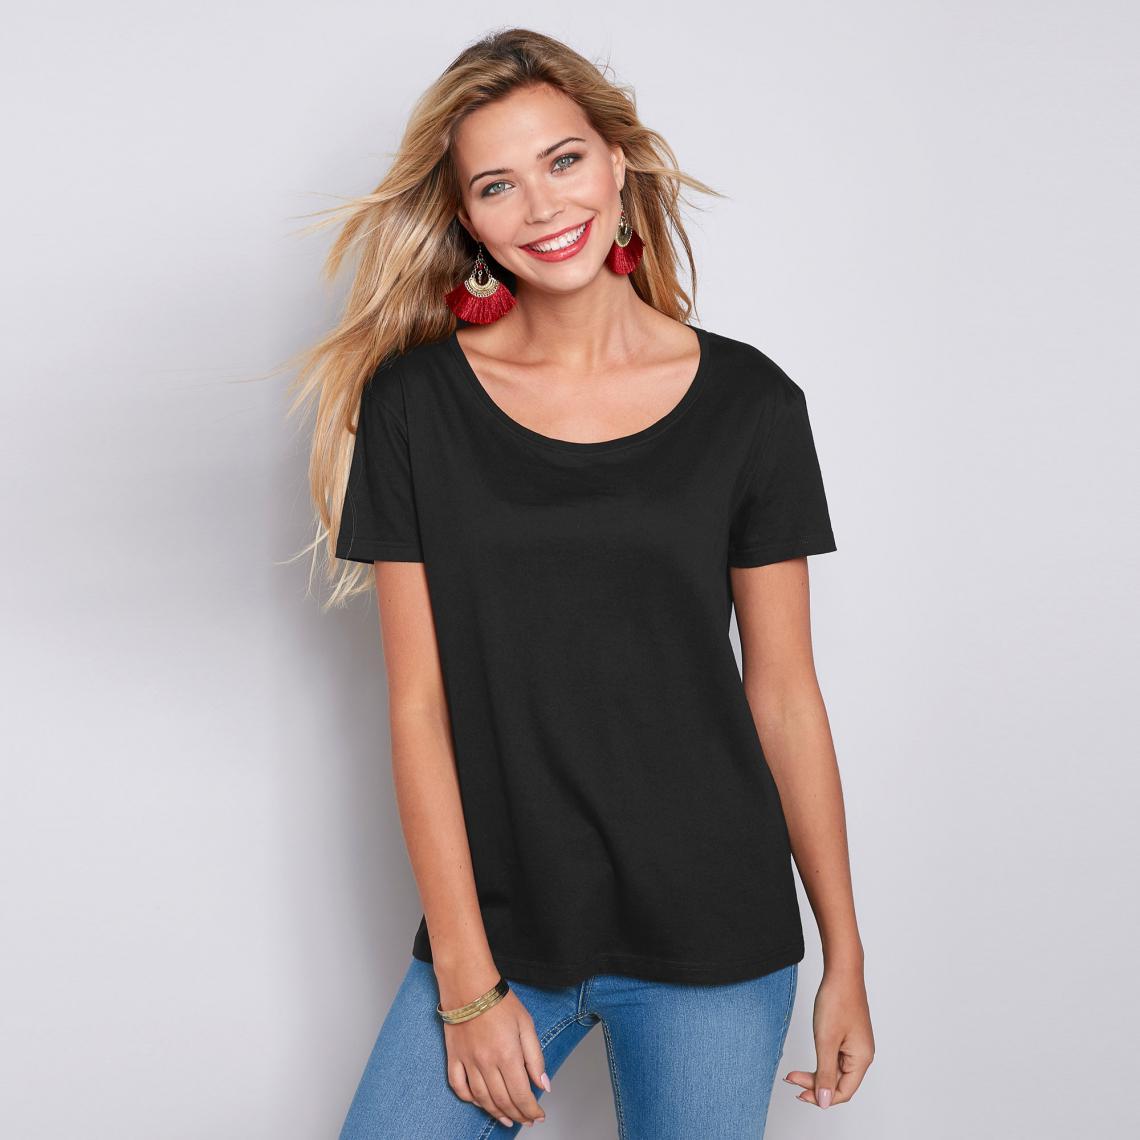 Promo : Tee-shirt asymétrique fendu manches courtes - Noir - 3 SUISSES - Modalova